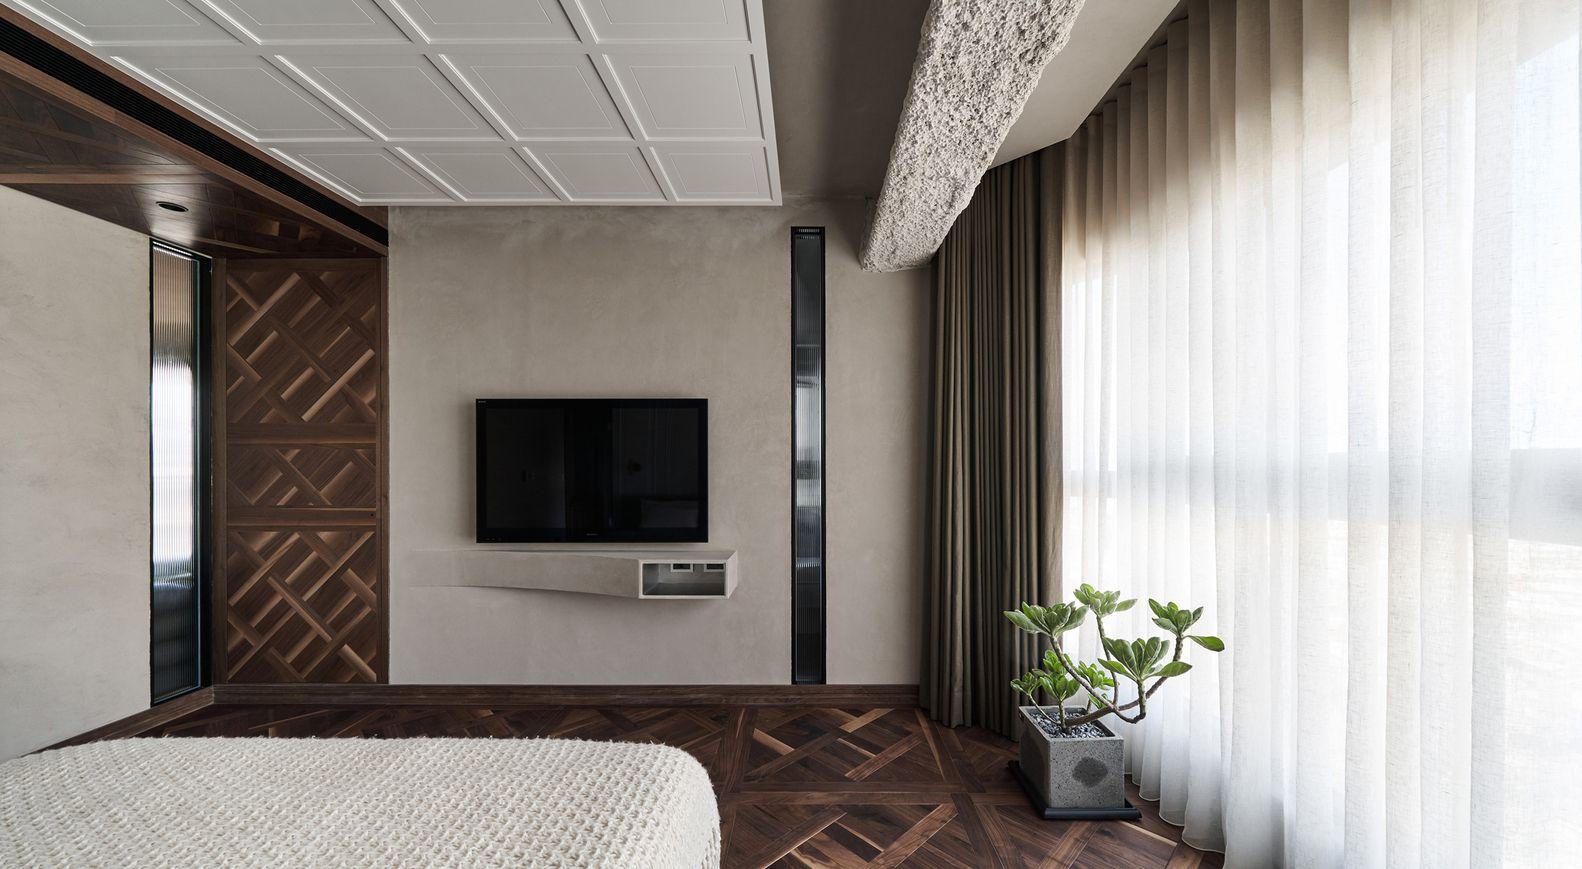 Gallery of residence w kc design studio 21 design studio intérieur de salon